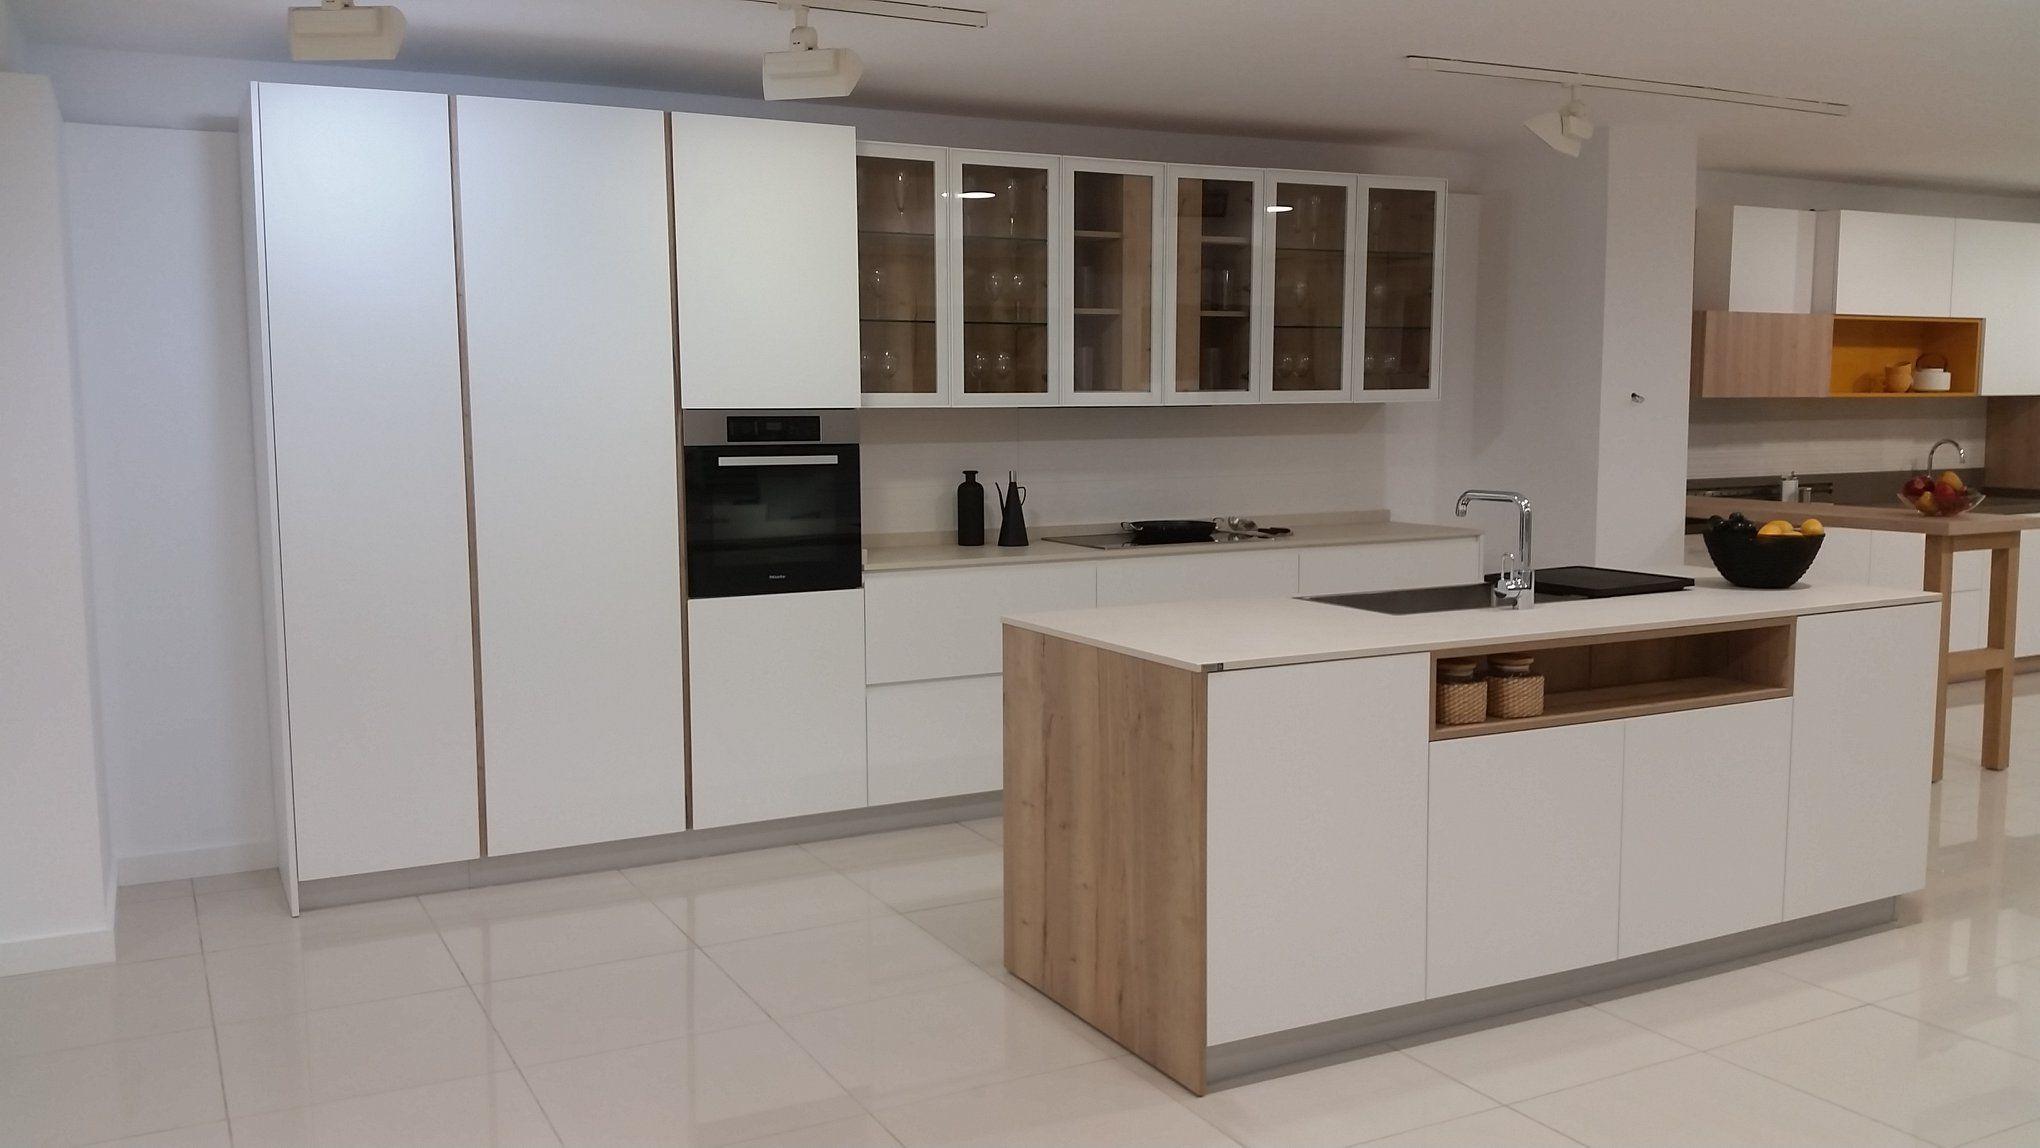 Cocina Blanca Diseno De Interiores De Cocina Interior De Cocina Cocina Blanca